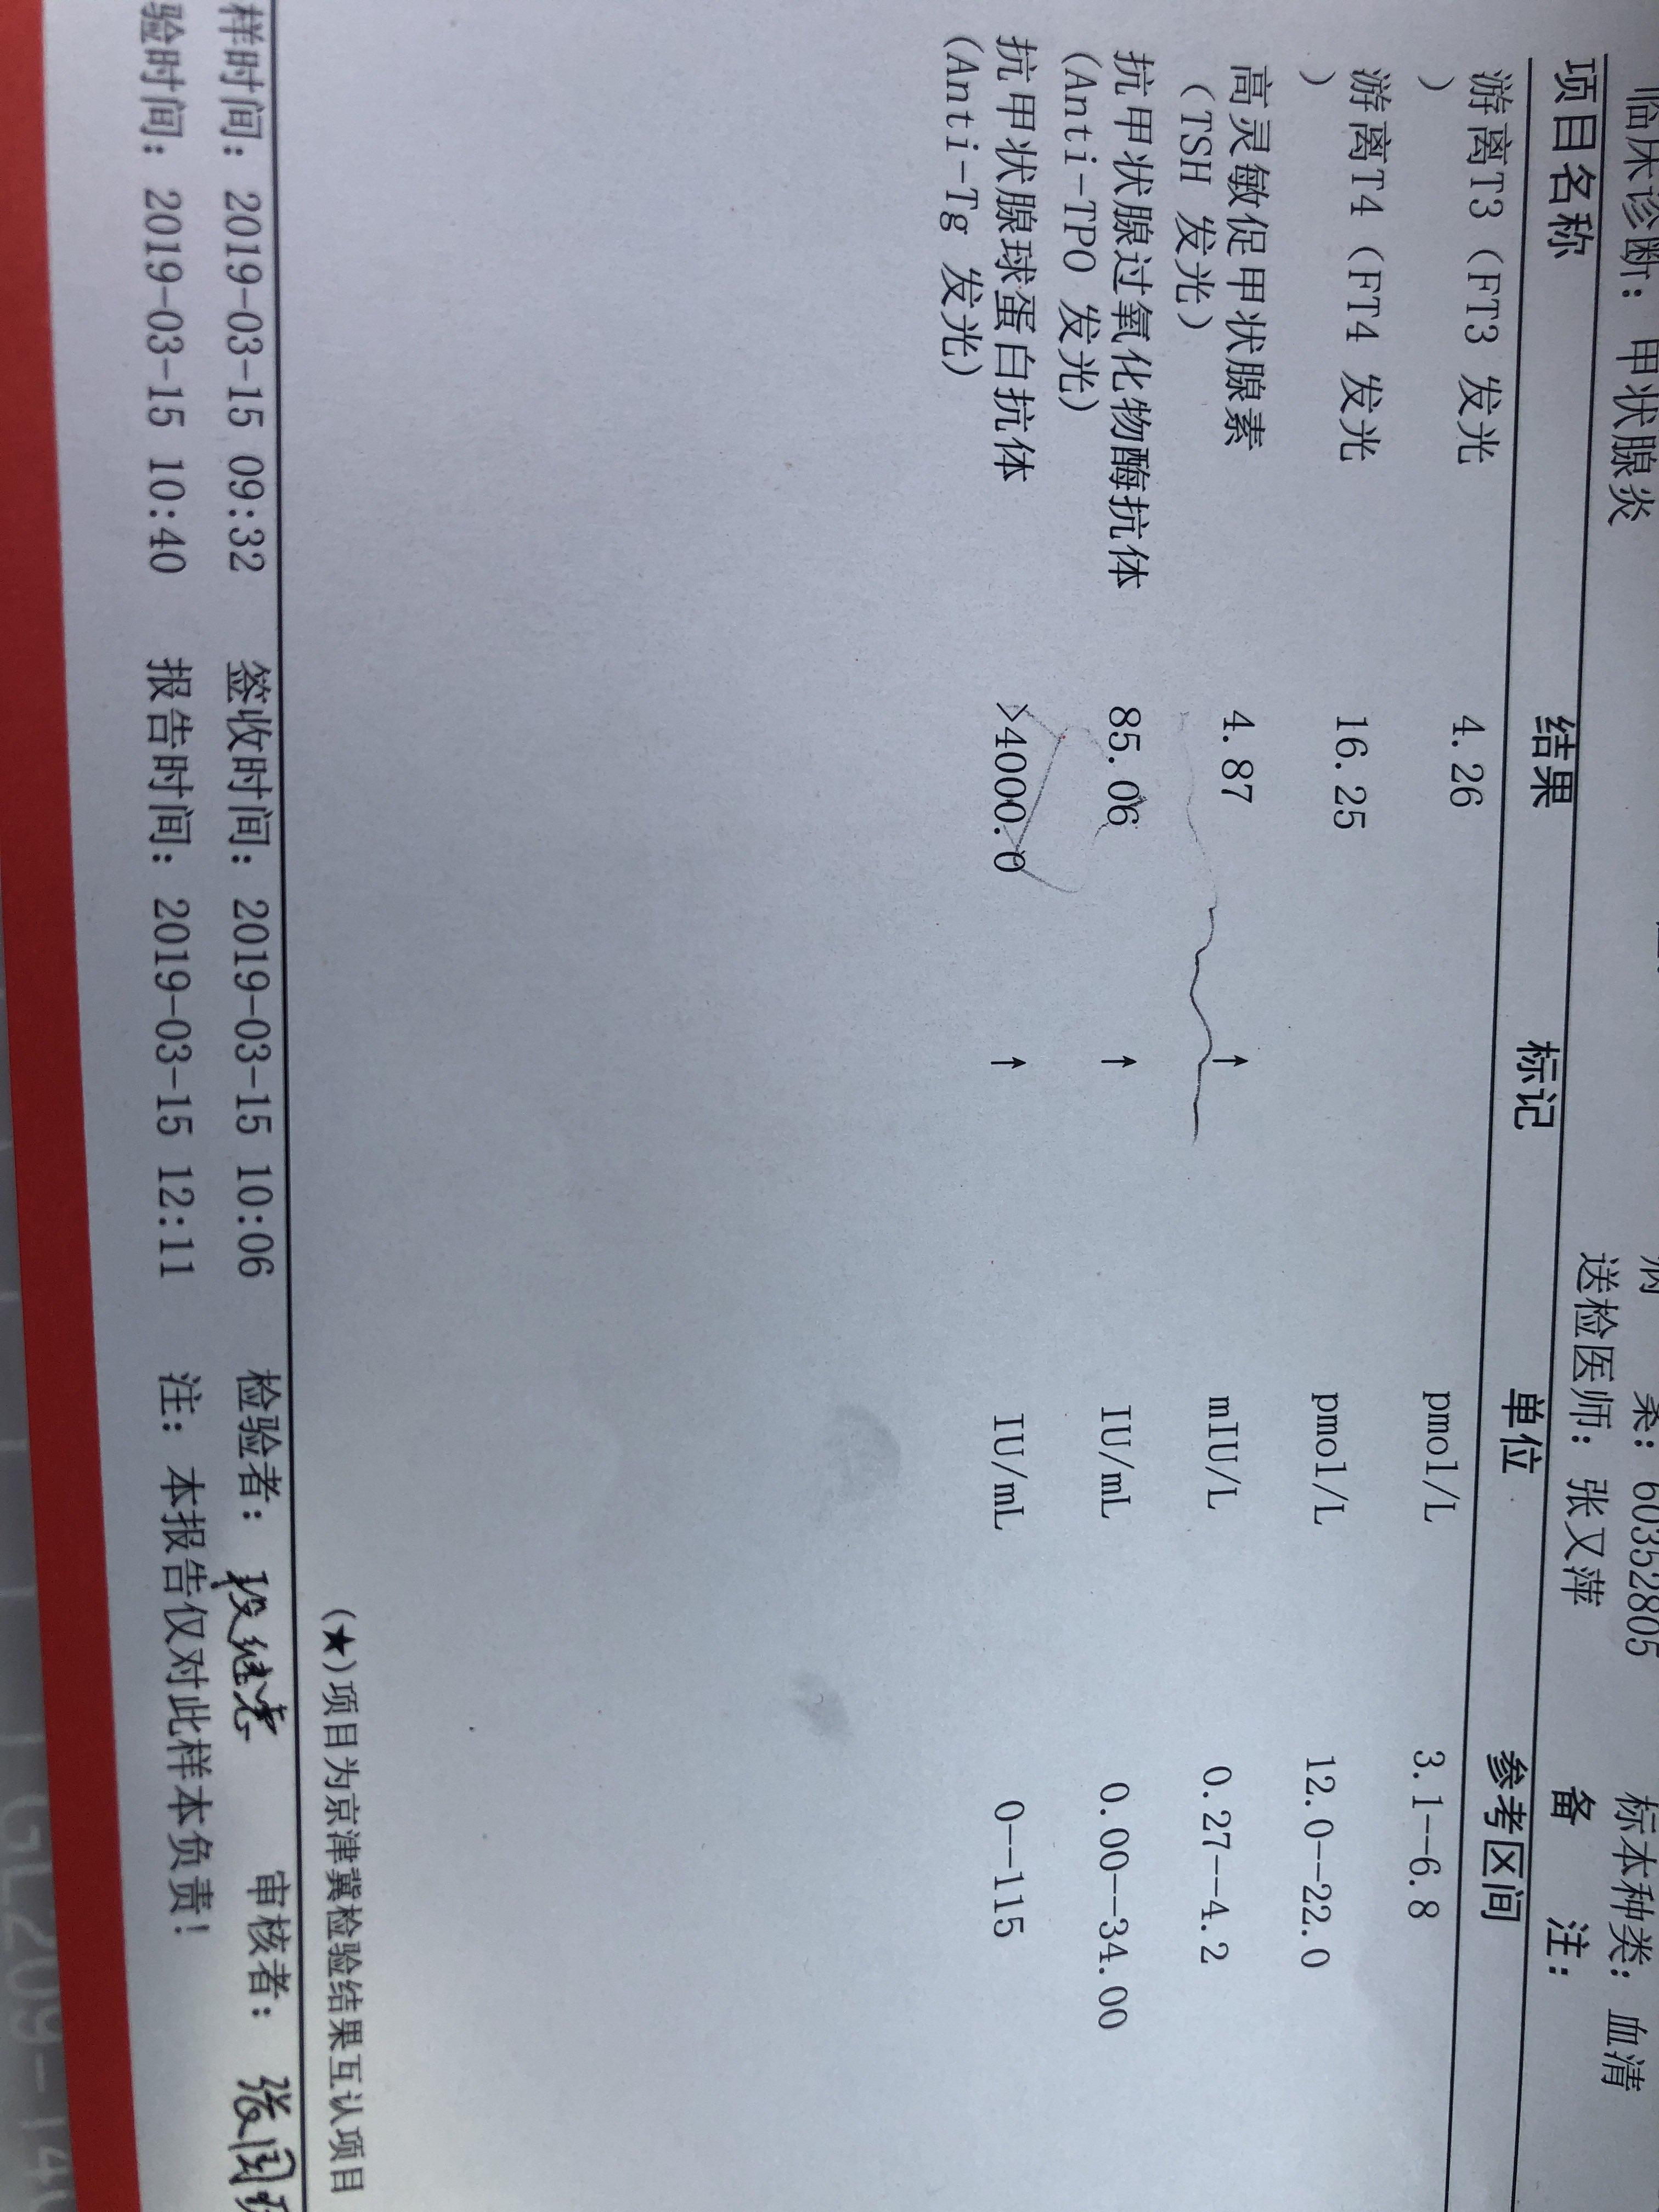 甲状腺球蛋白正常_促甲状腺素偏高是怎么回事_百度知道